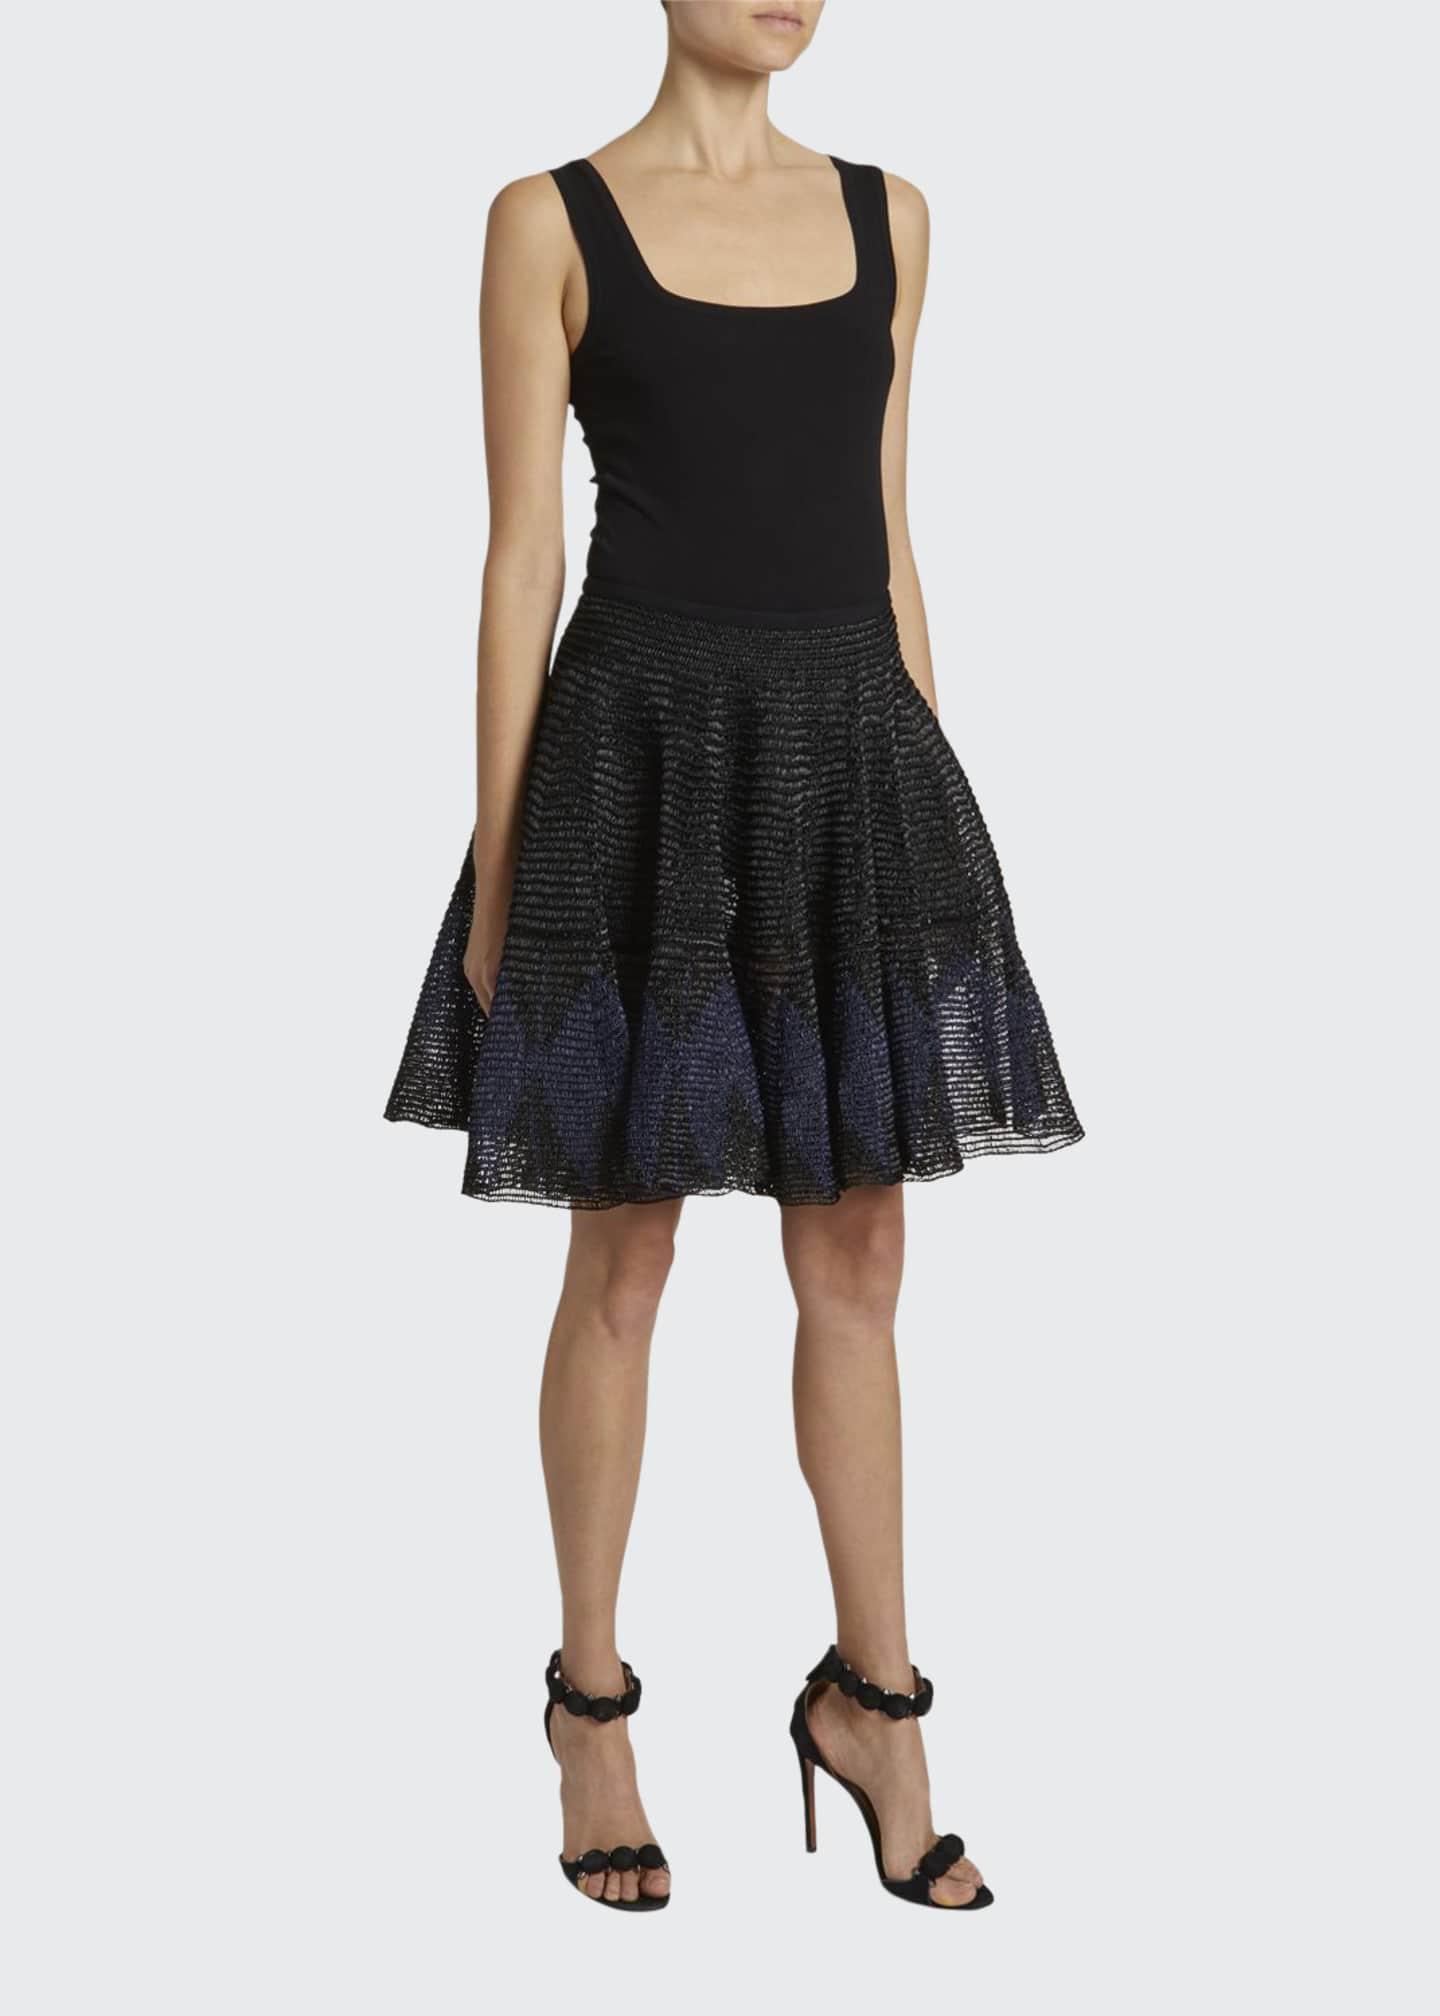 ALAIA Textured Poplin Flounce Skirt